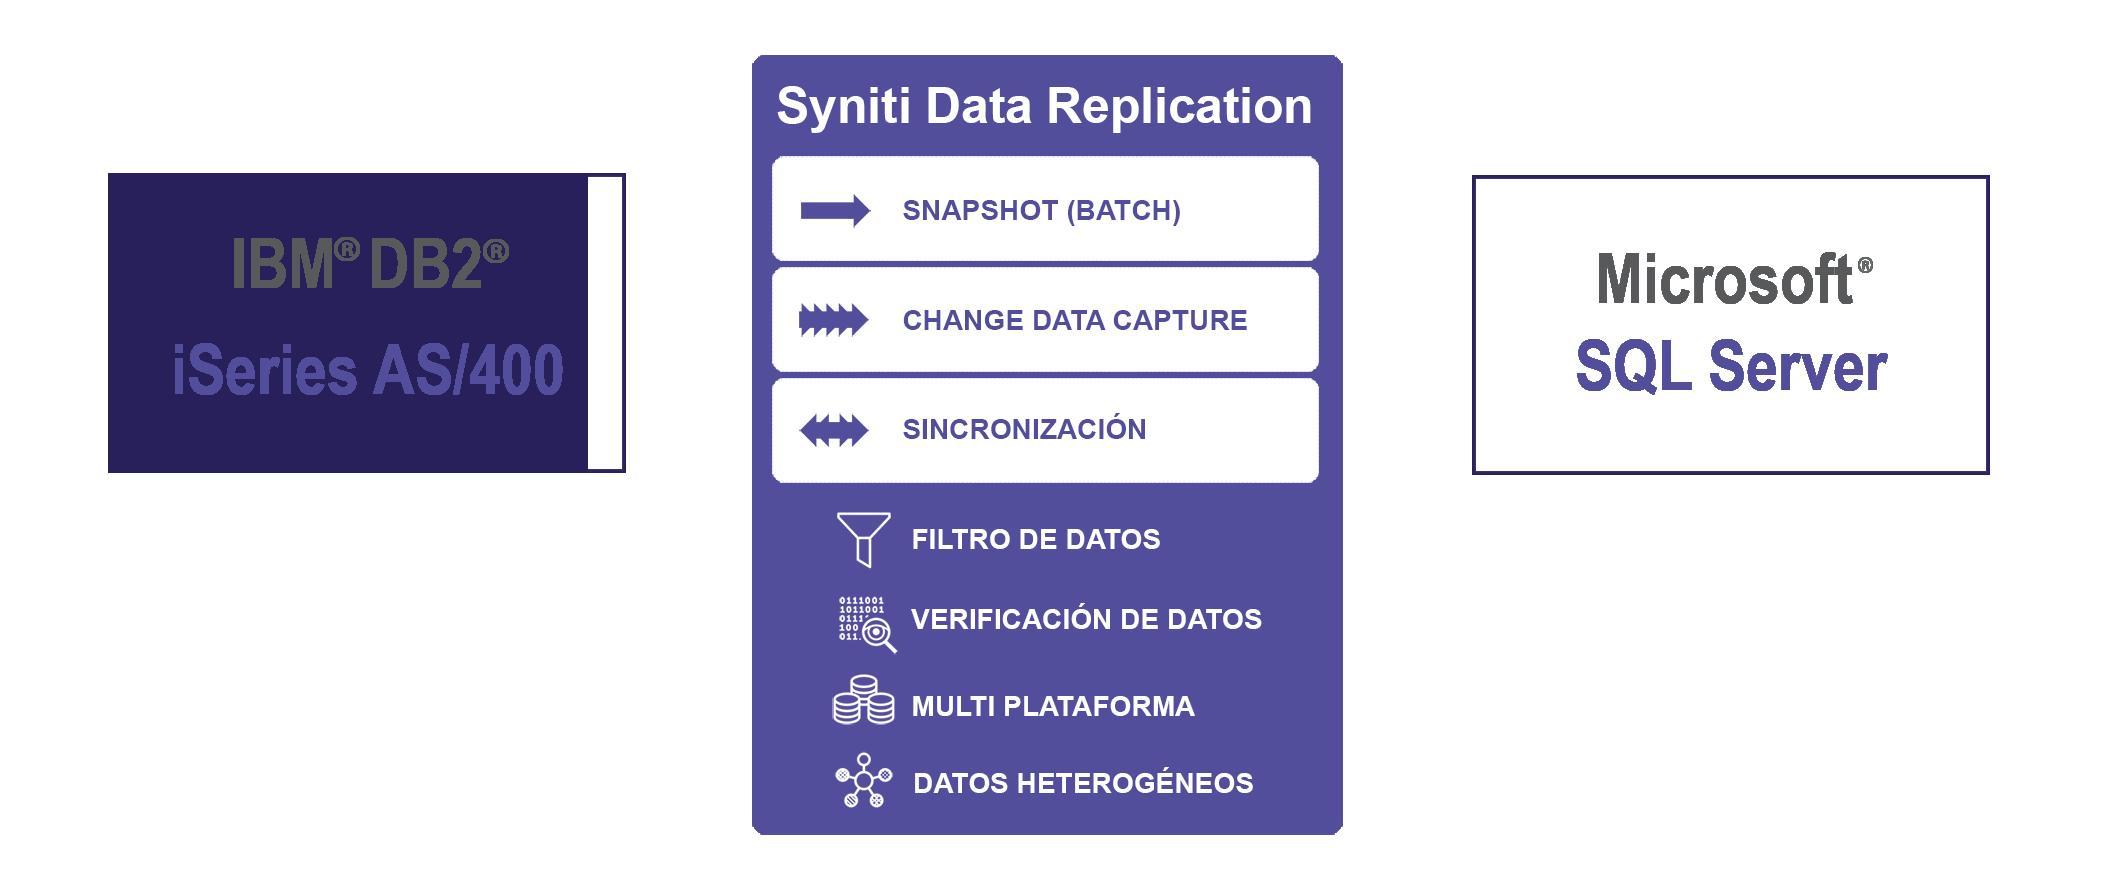 Replicacion de datos IBM DB2/i a SQL Server